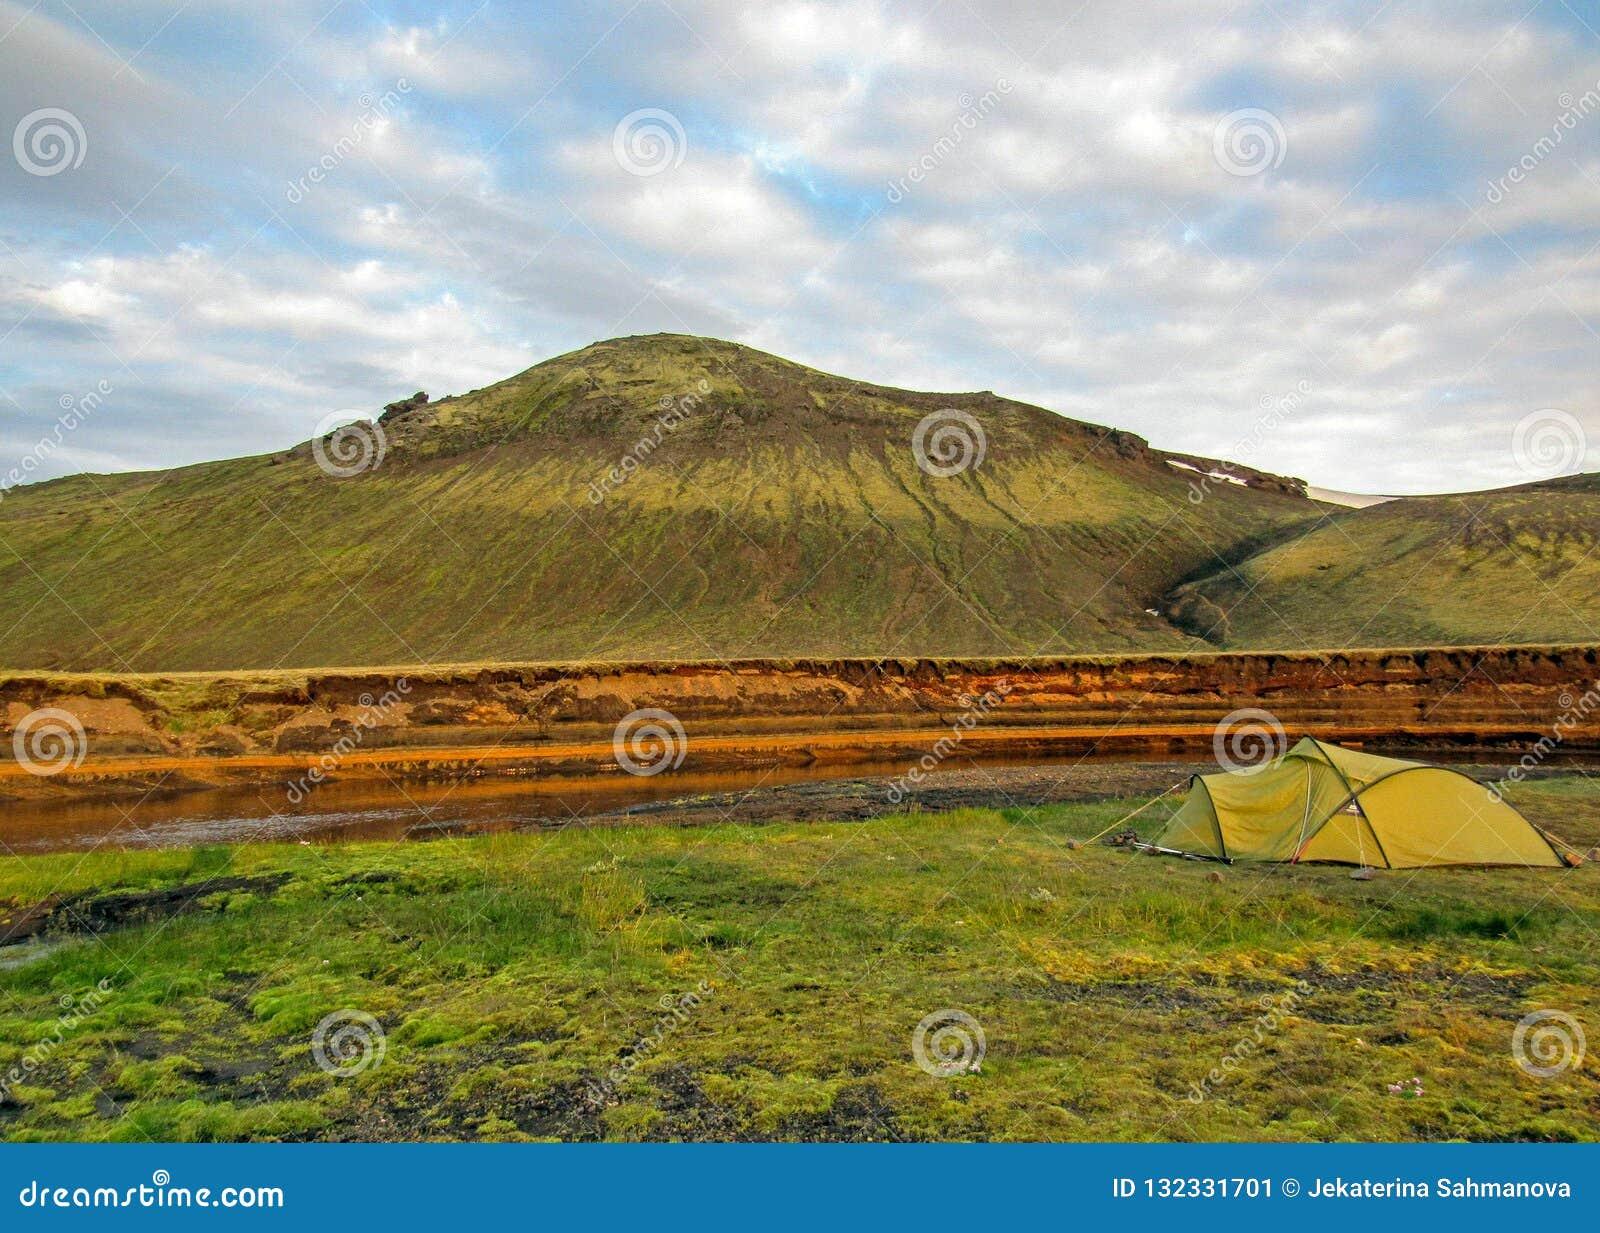 A barraca verde lançou ao lado do rio com a montanha verde no fundo, acampamento de Alftavatn, Laugavegur, Islândia